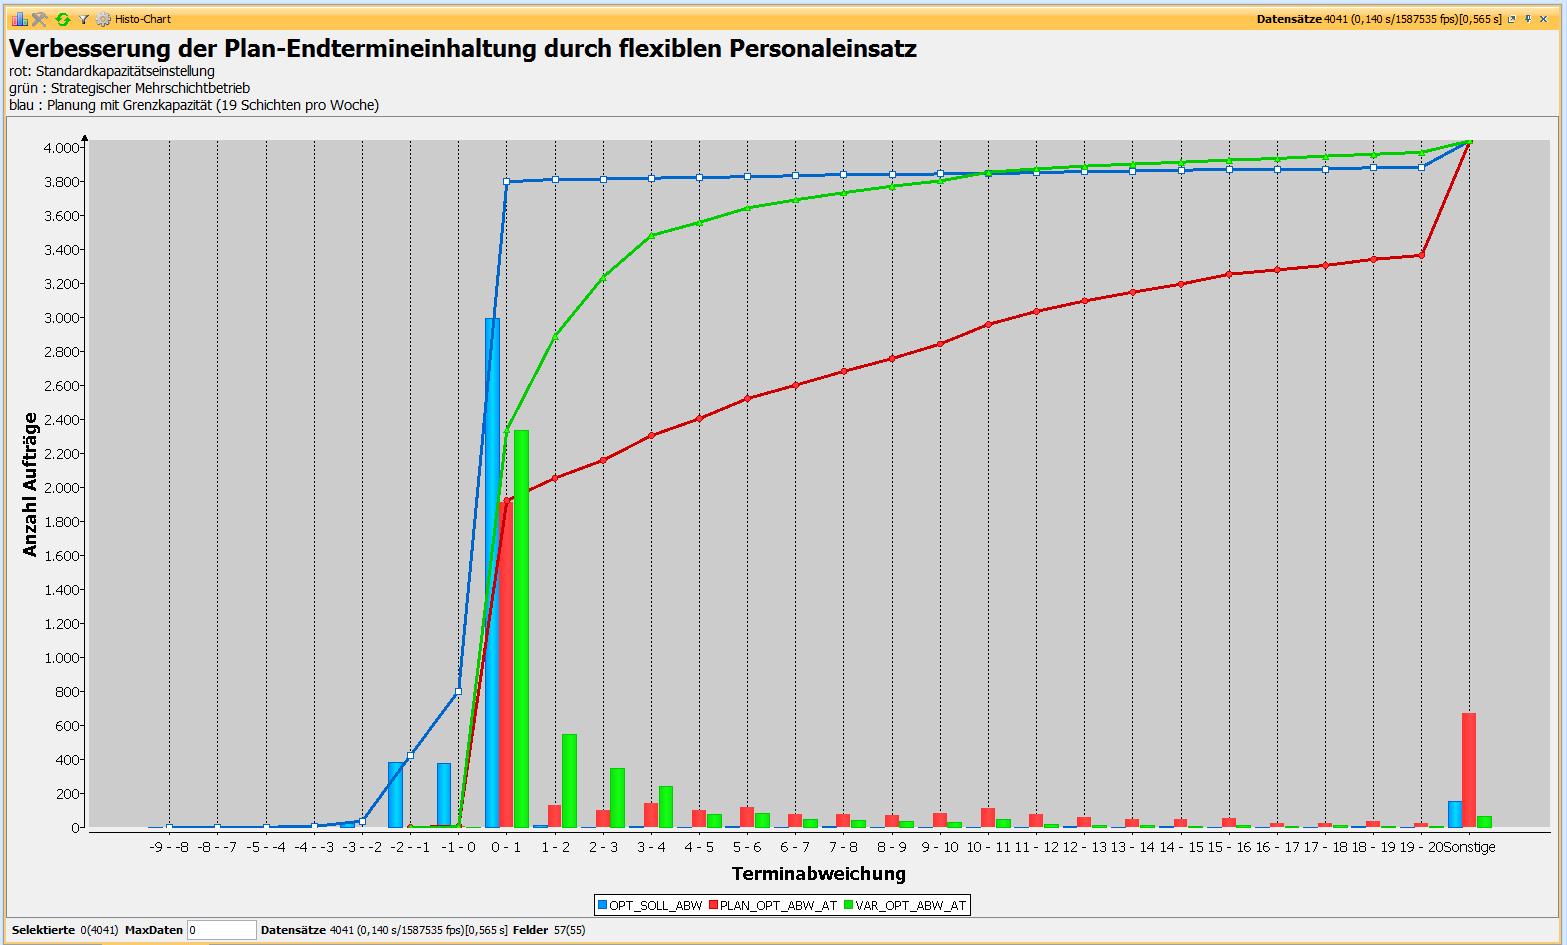 Visualisierung des Verbesserungspotenzials von Maßnahmen zur Kapazitätsanpassung